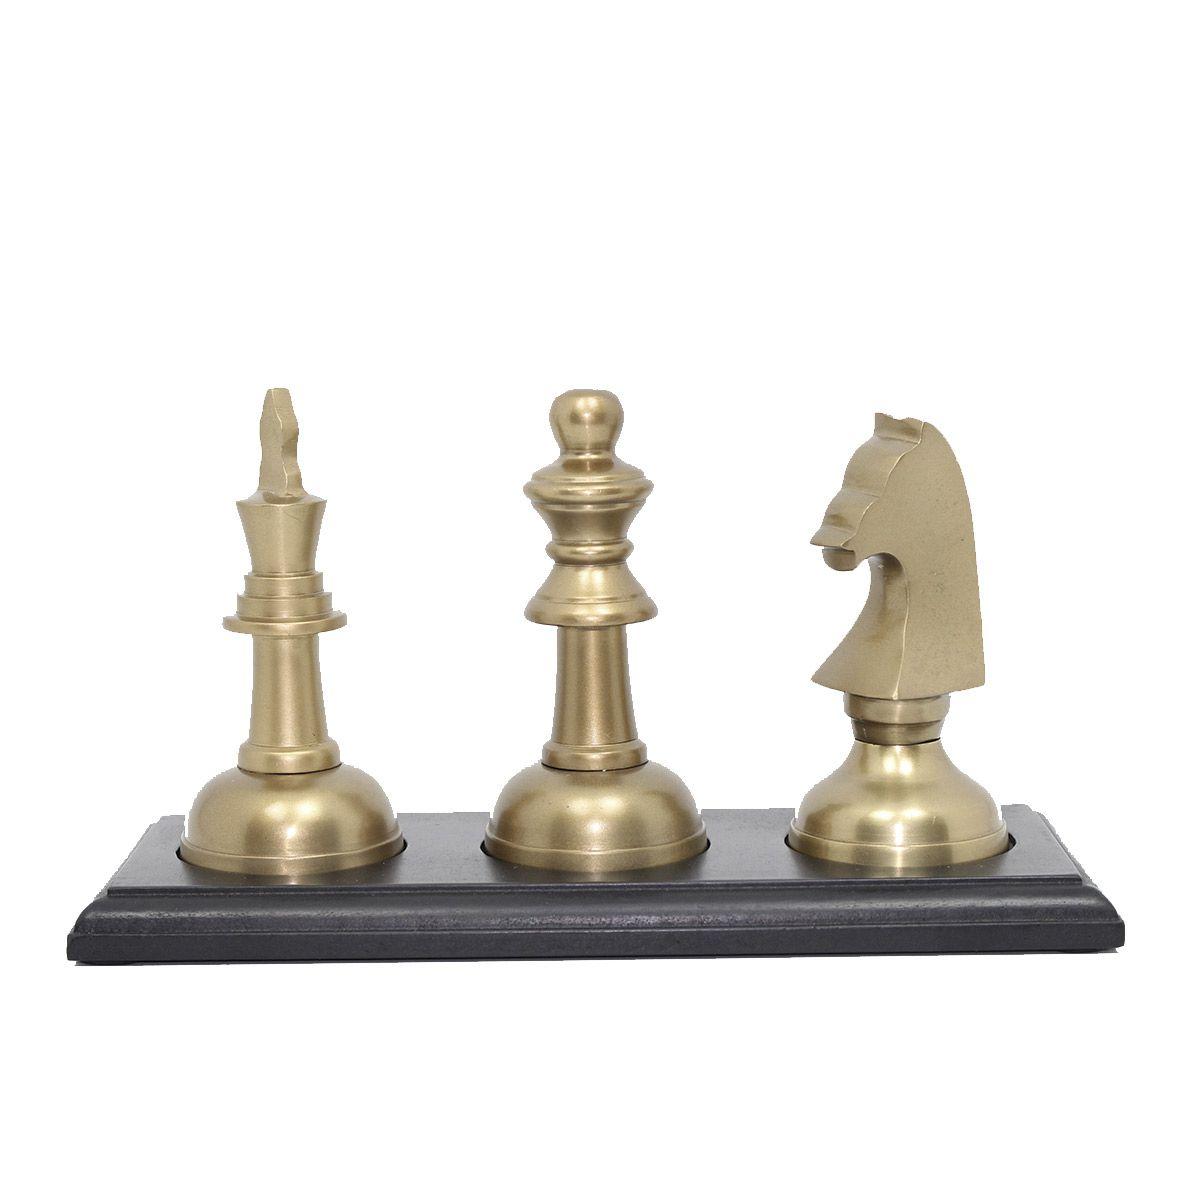 Kit Decoração Xadrez Chess Gold - Cavalo, Rainha e Rei em Alumínio